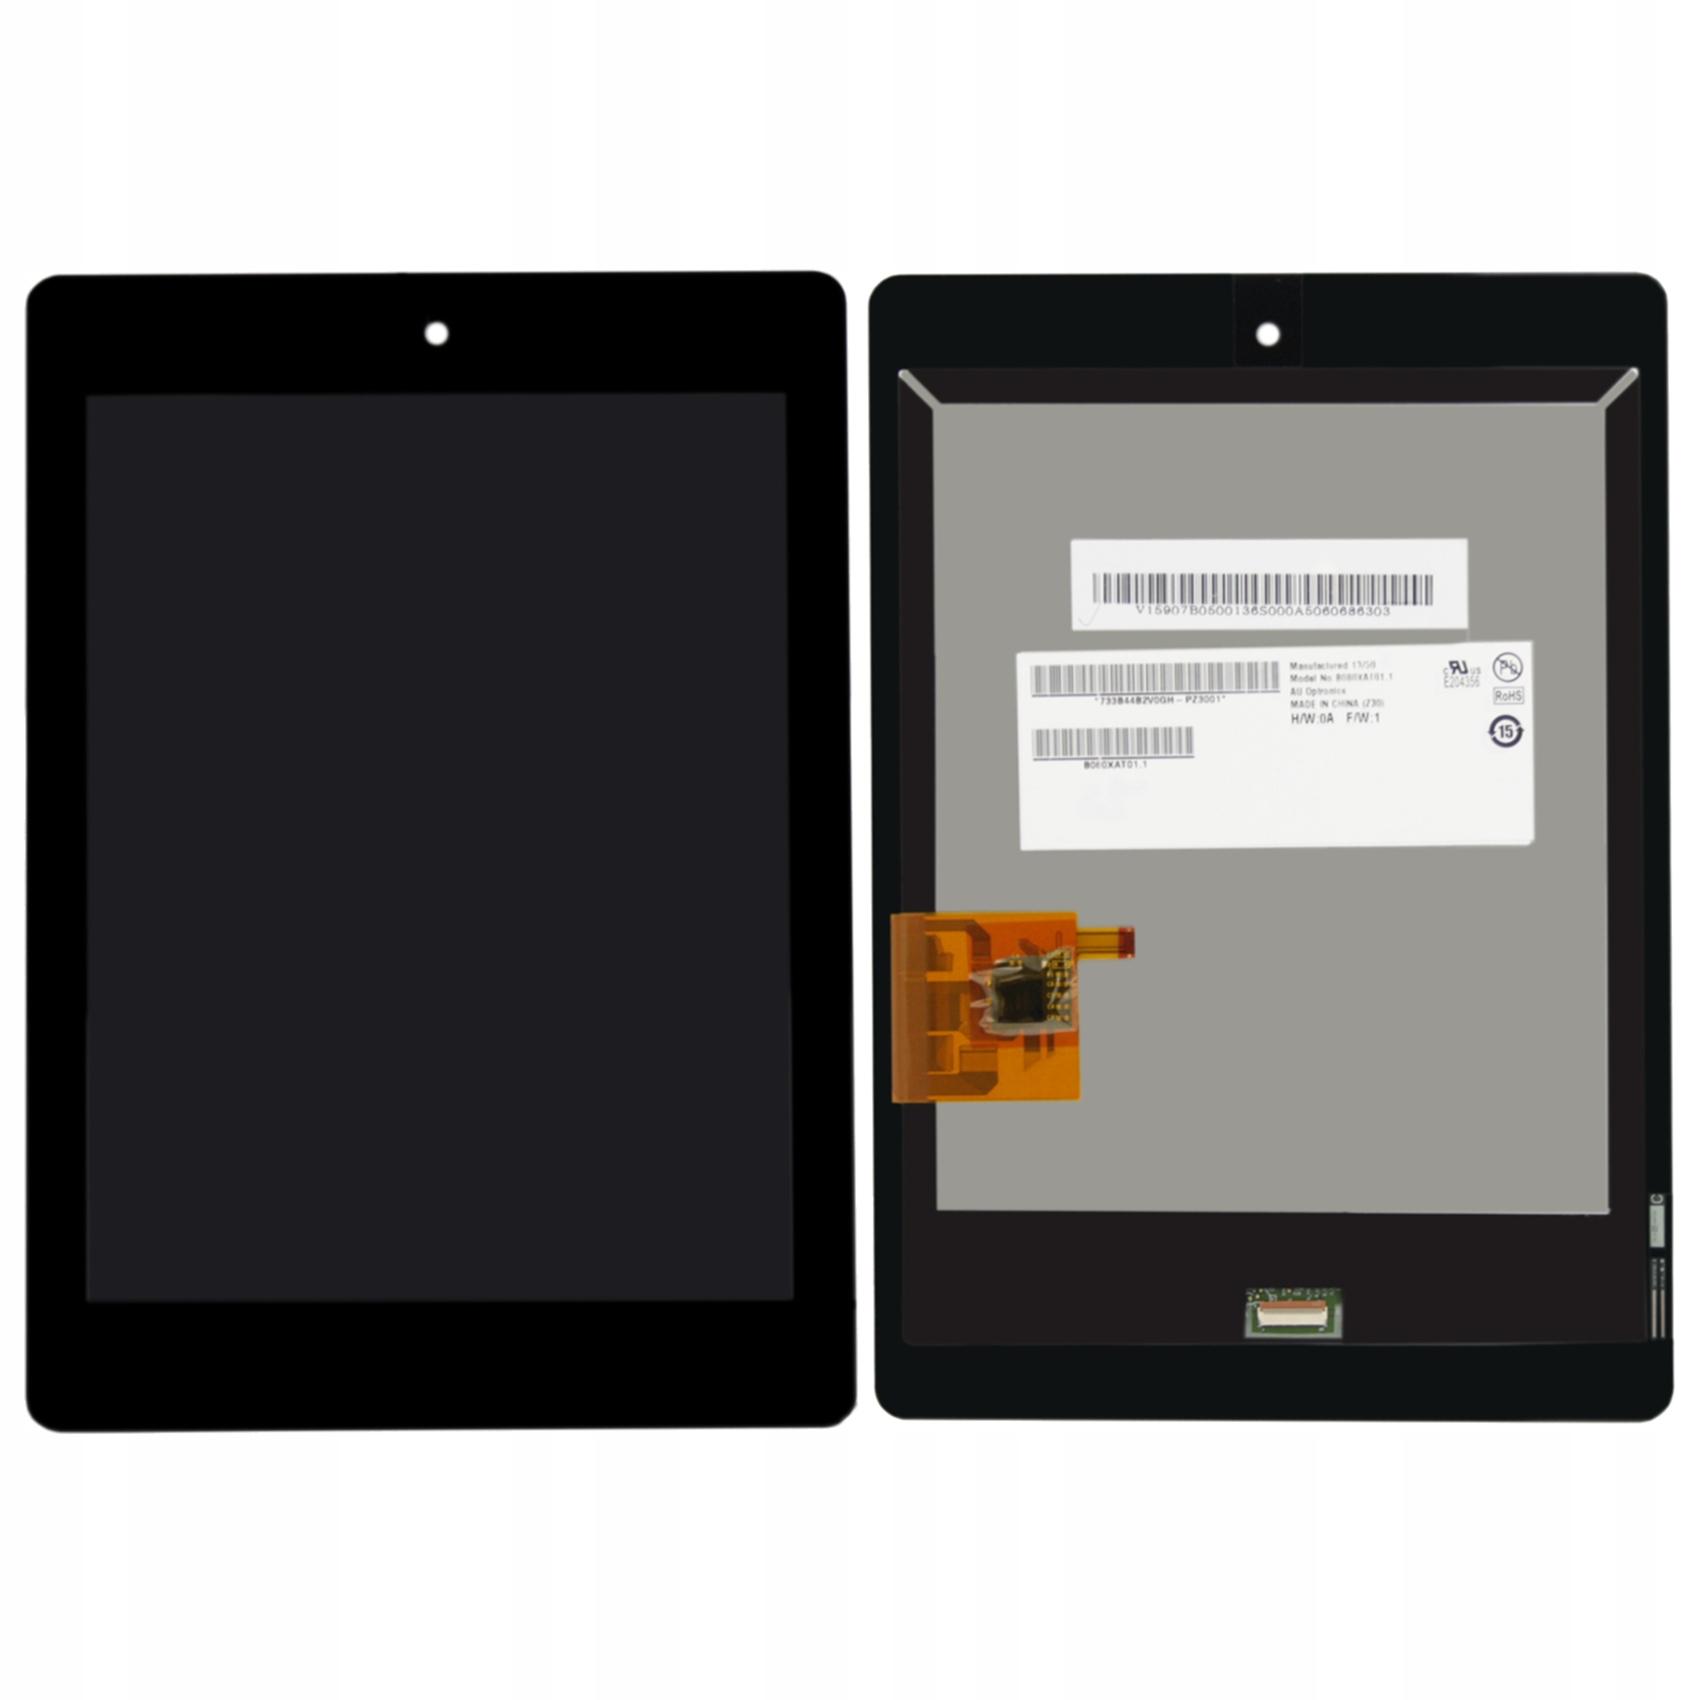 WYŚWIETLACZ Z DIGITIZEREM FULL SET ACER ICONIA A1-810 811 8110 - Wyświetlacze z digitizerami do tabletów